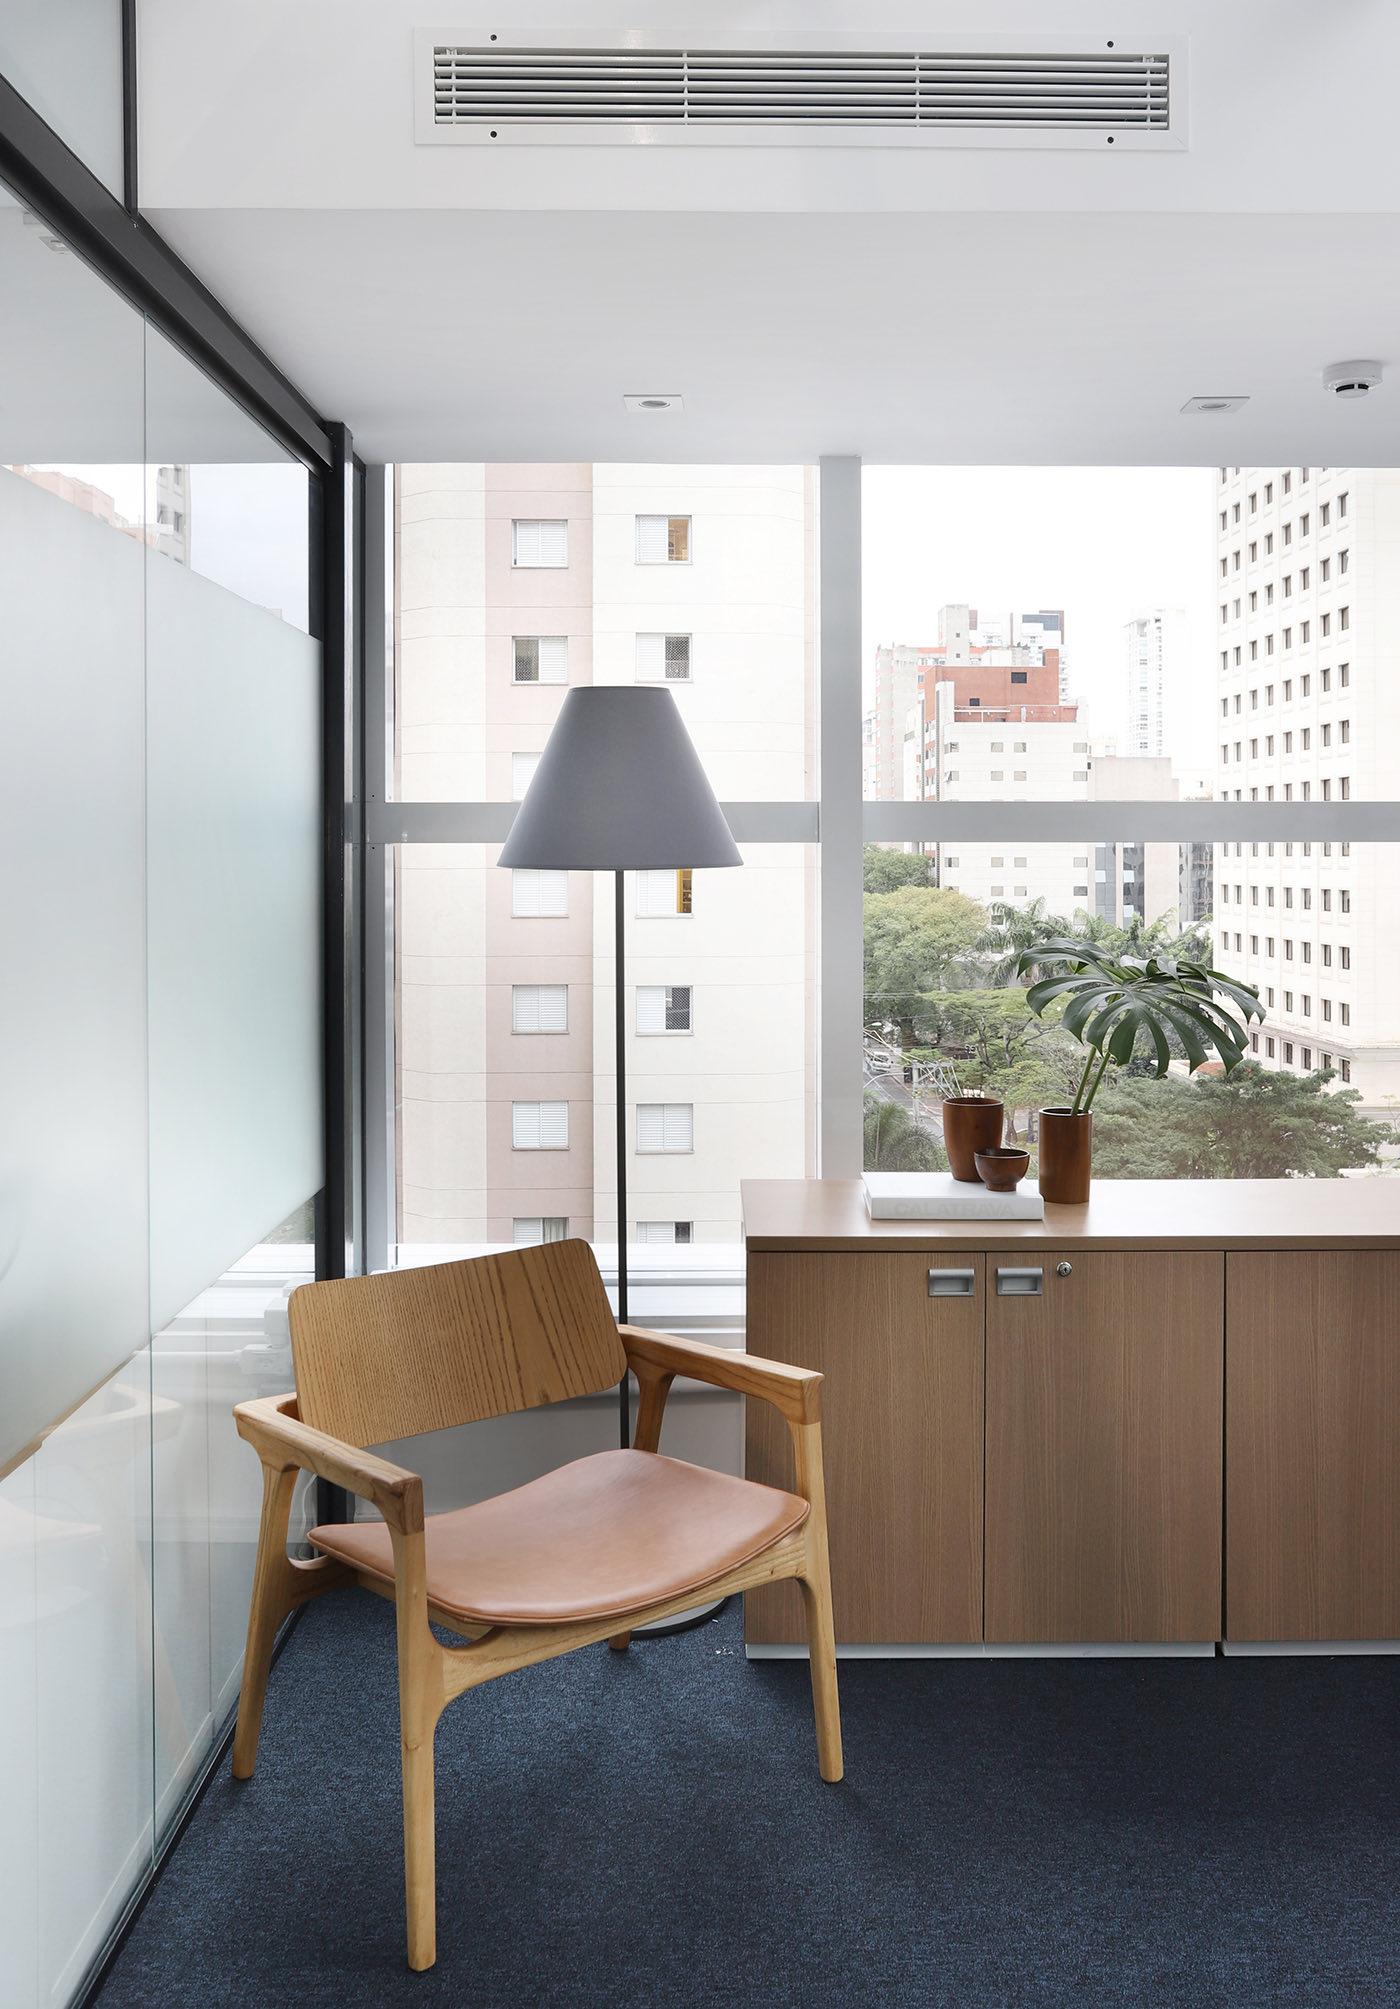 lufthansa-office-brazil-25